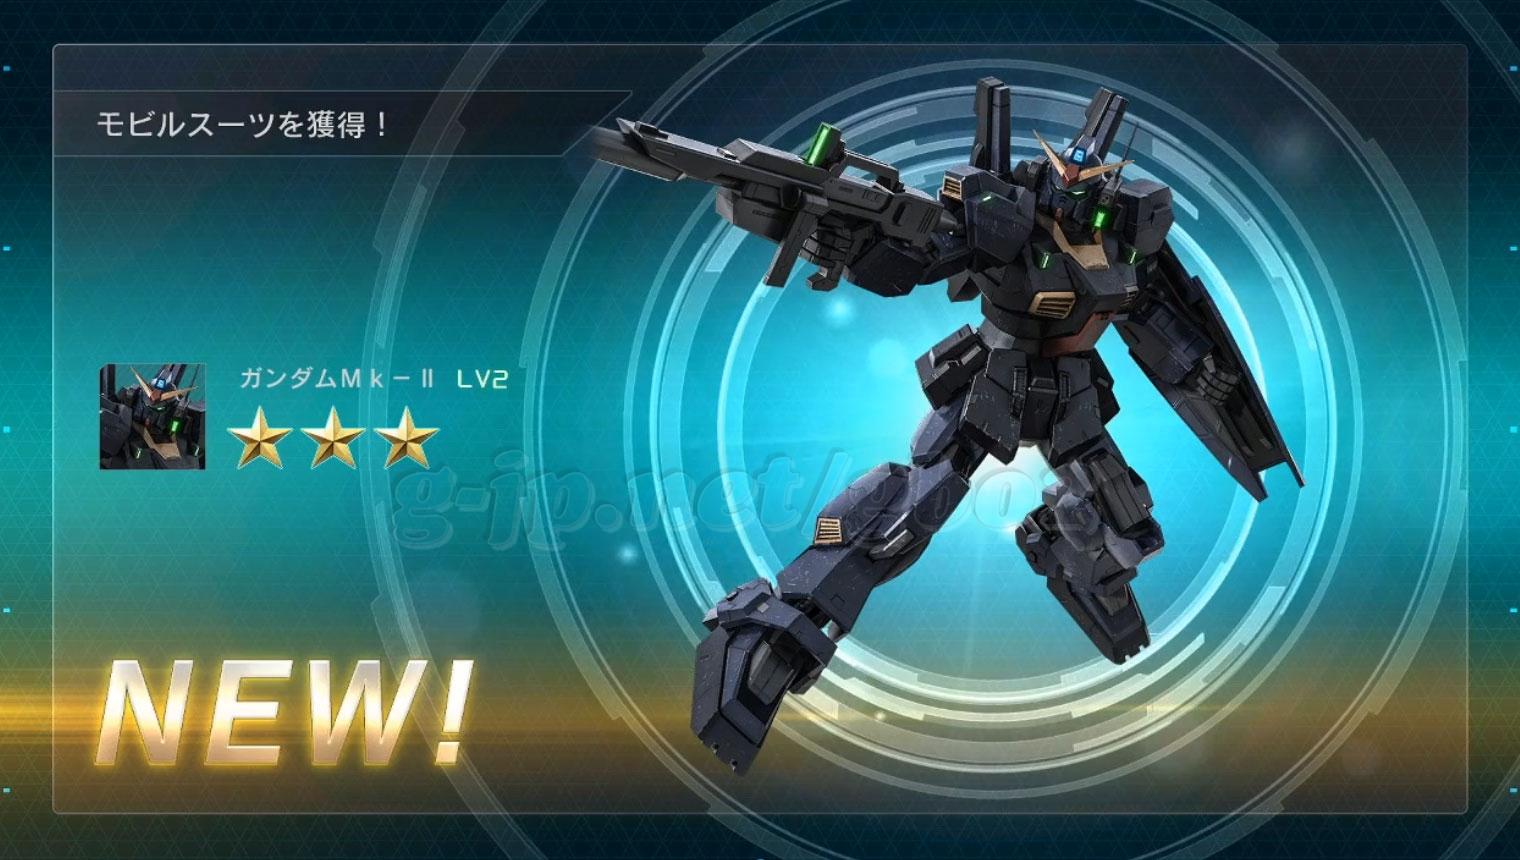 ガンダムMk-II LV2 (STEP3確定)